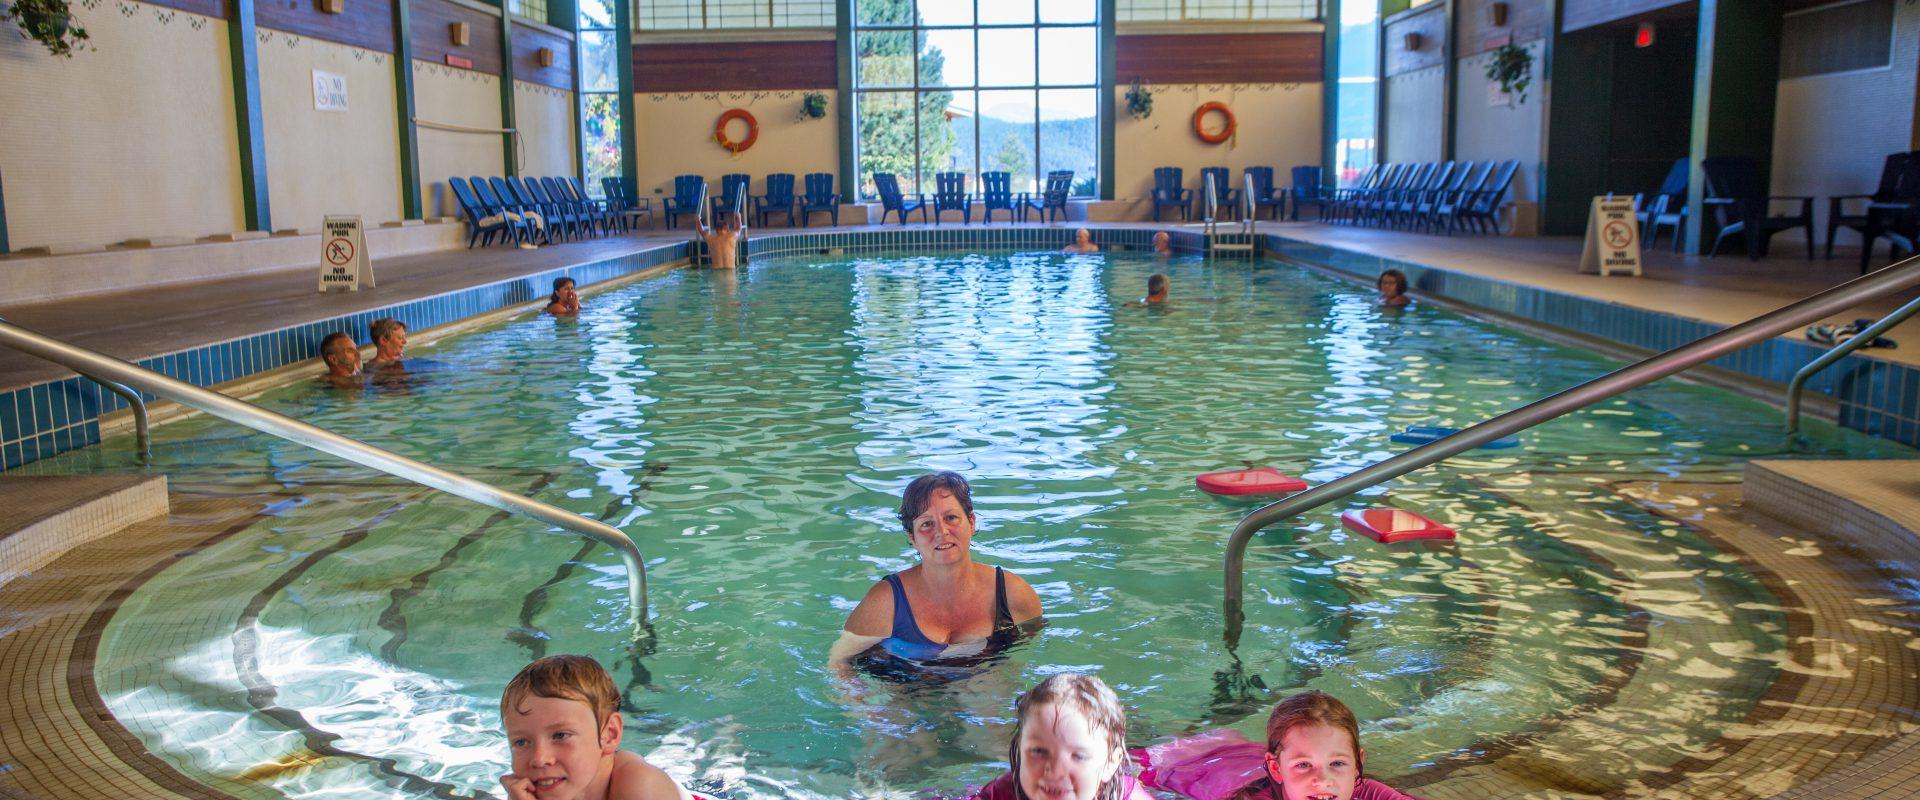 harrison-hot-springs-bc--graham-osborne-3-mf-158844